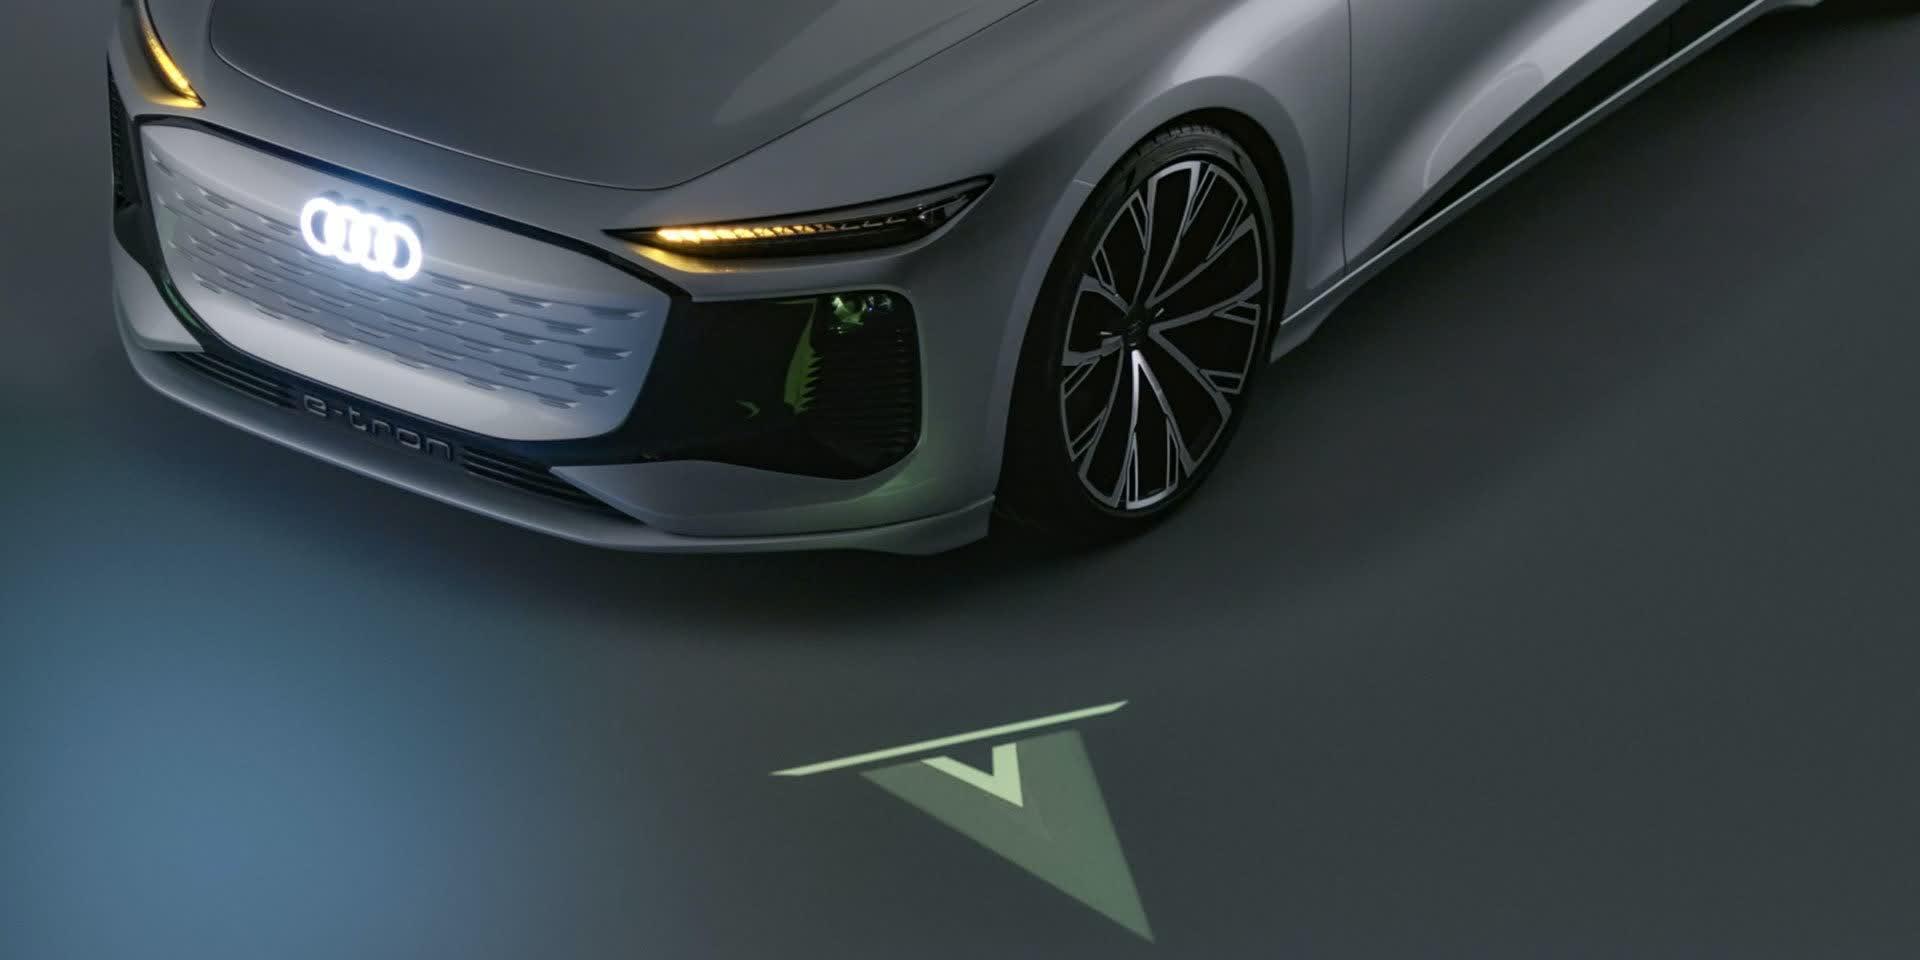 1618926488 36 Le concept Audi A6 e tron peut projeter des jeux video